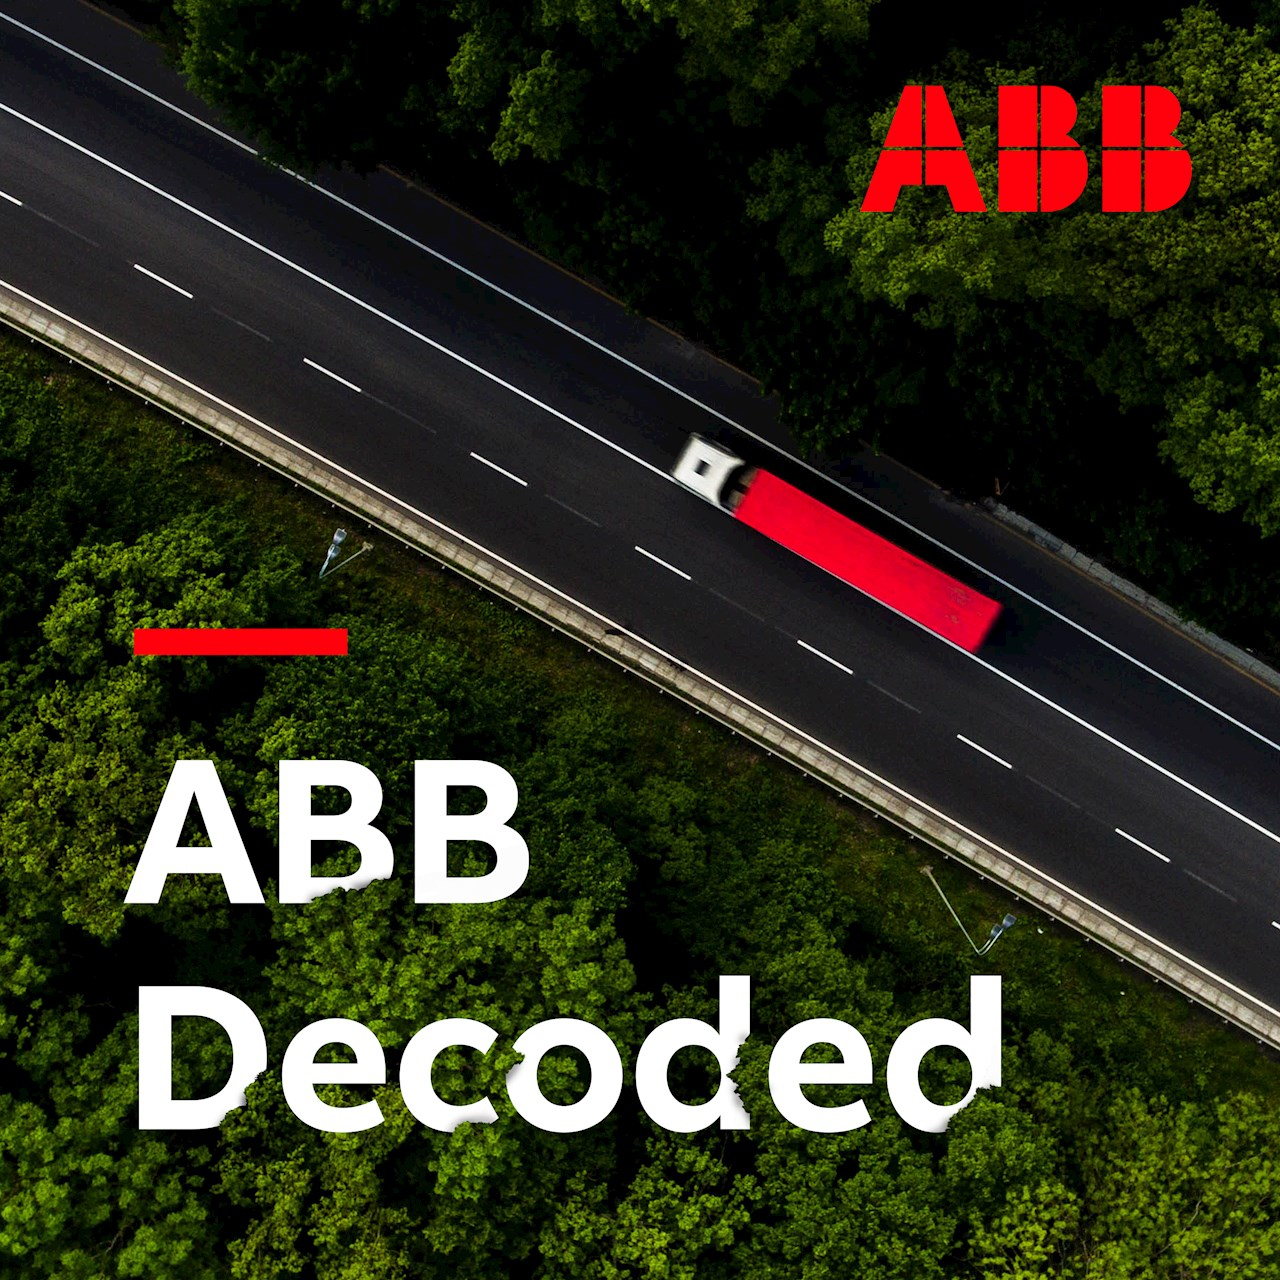 Le dernier épisode d'ABB Decoded traite de l'importance de l'électrification des flottes.